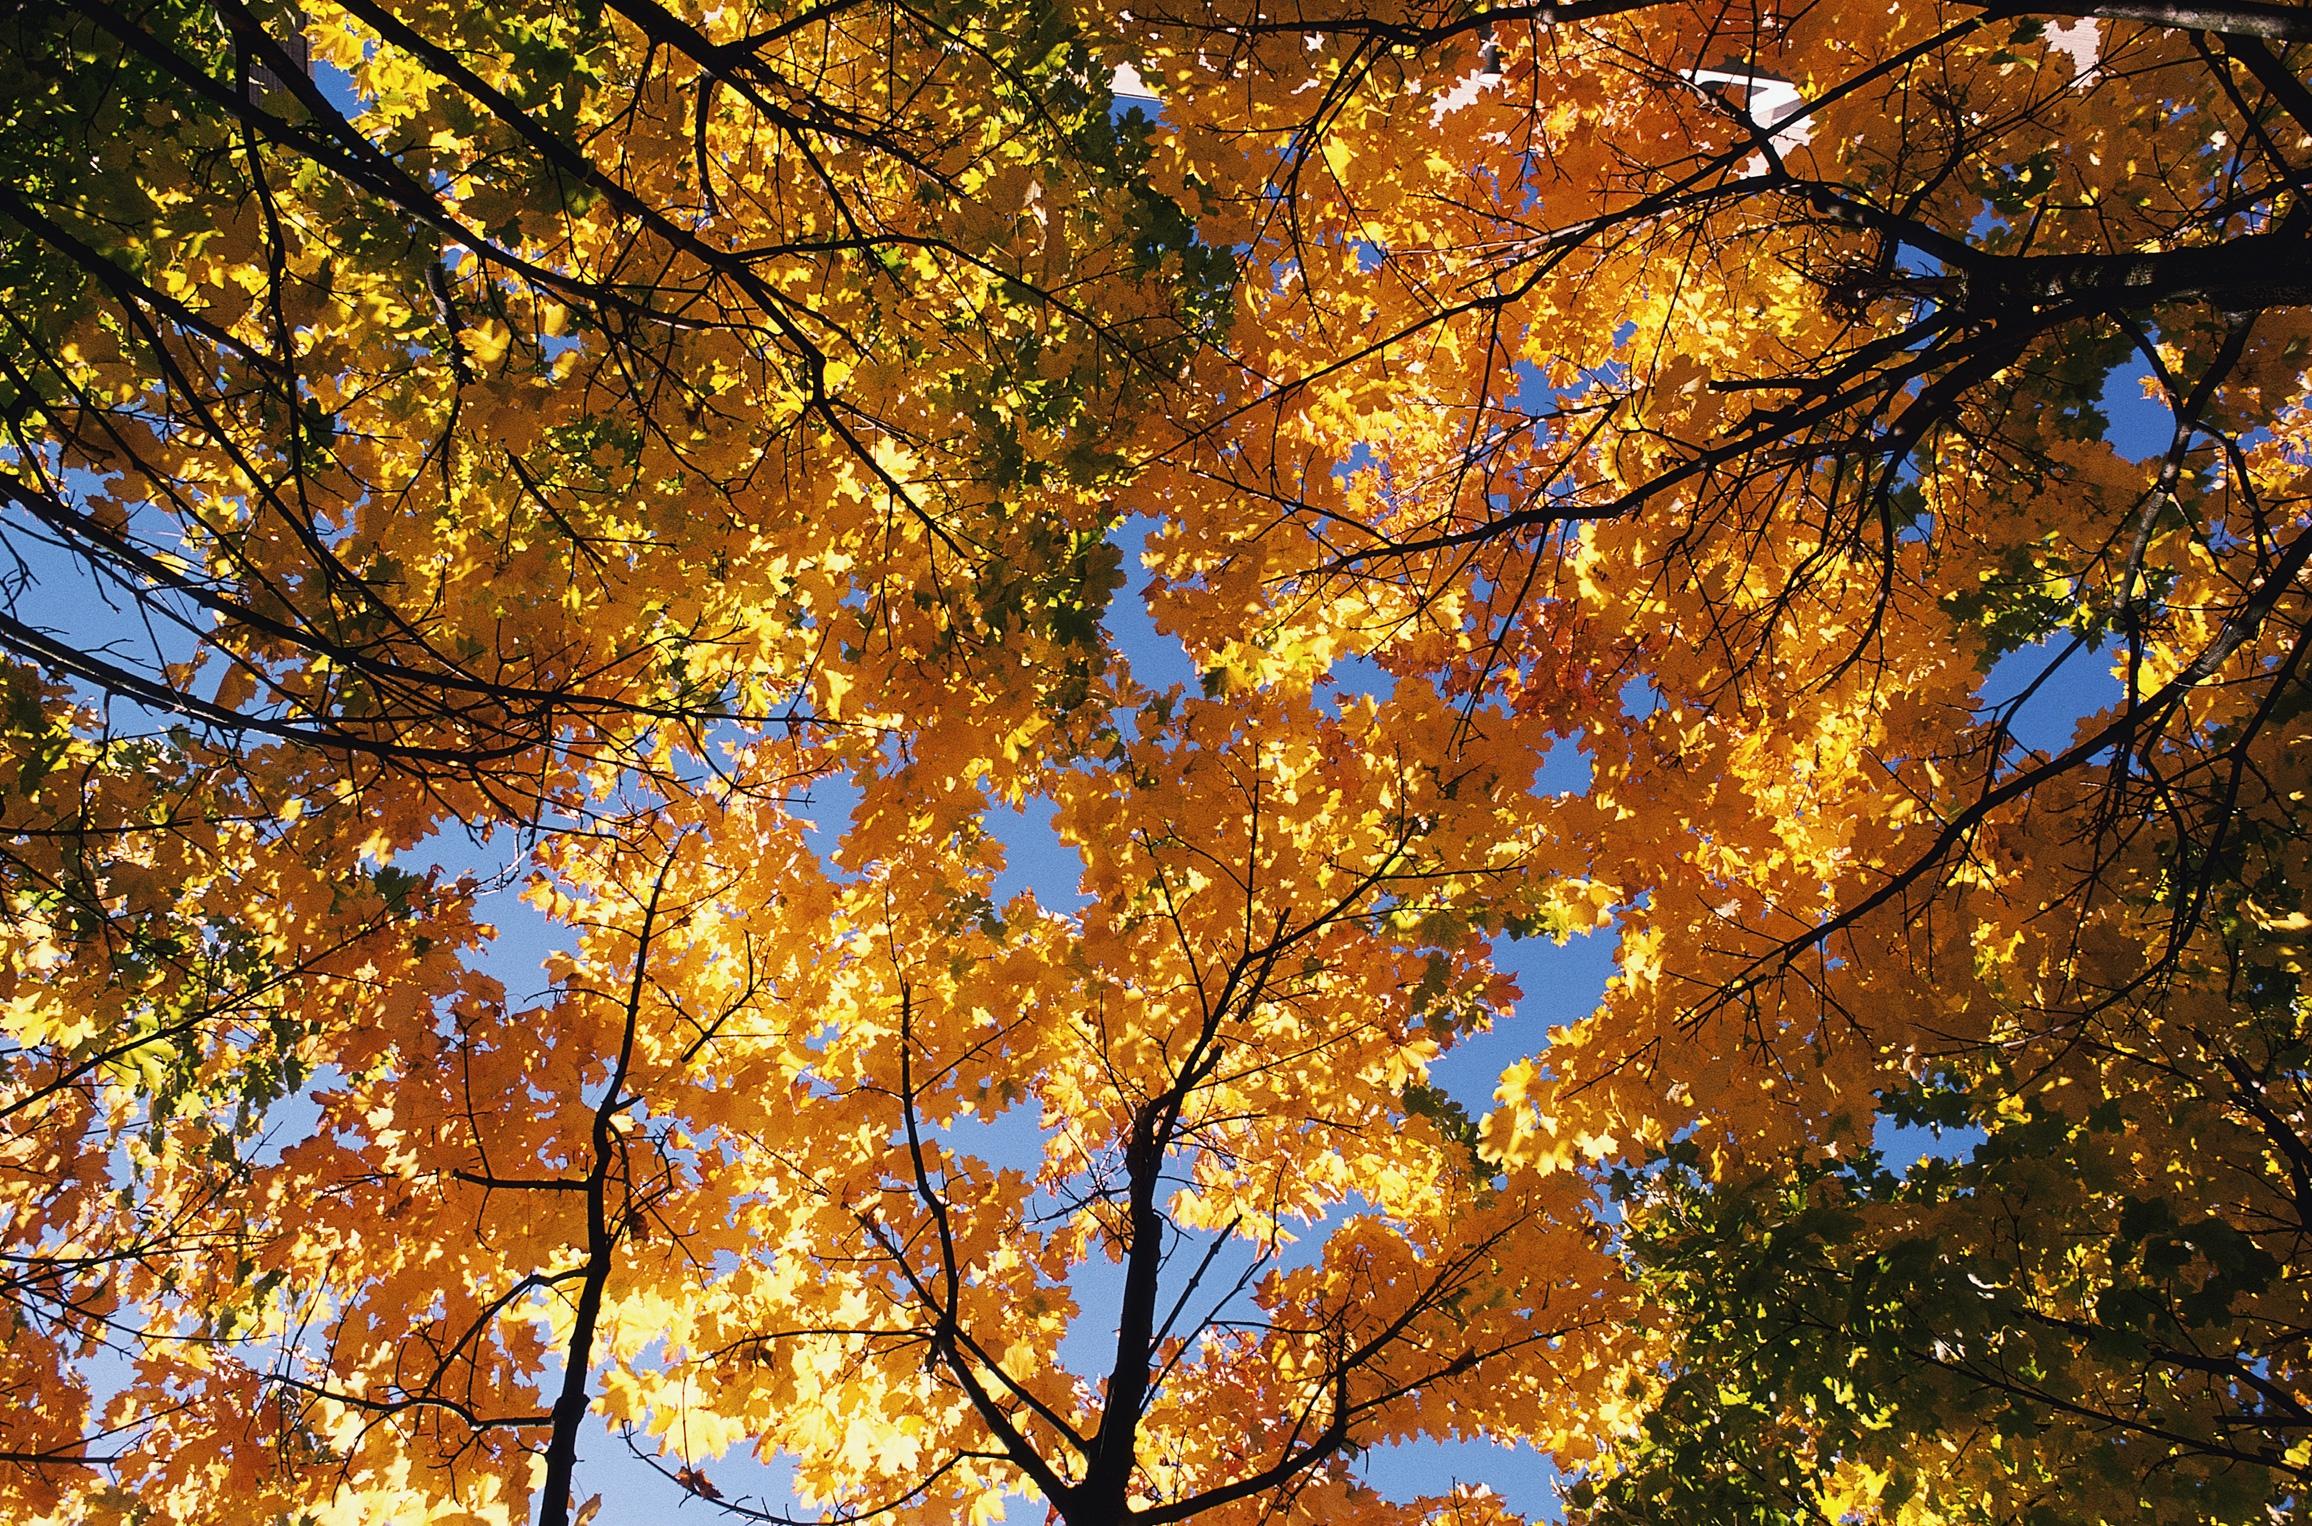 98768 скачать Желтые обои на телефон бесплатно, Природа, Деревья, Осень, Листья, Верхушки, Ветви, Кроны Желтые картинки и заставки на мобильный